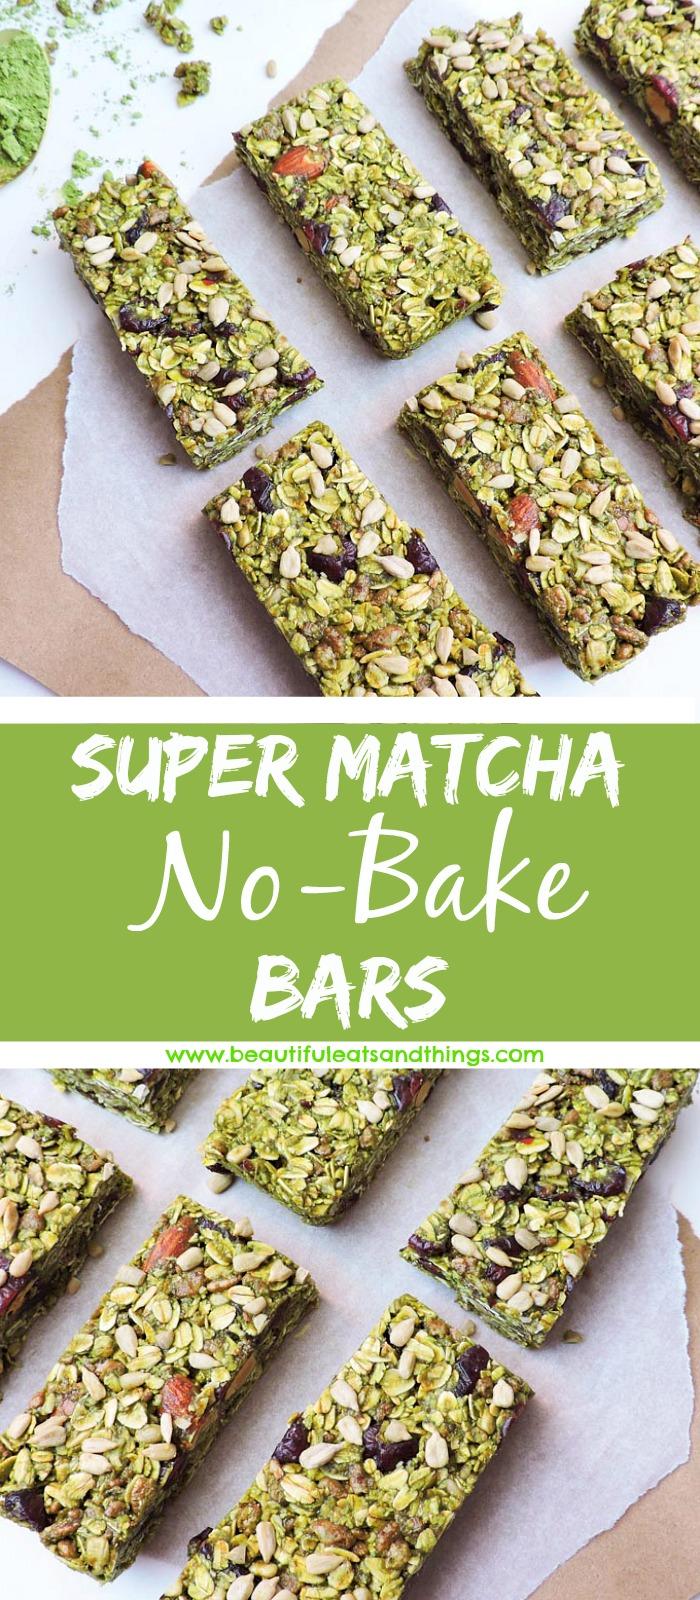 No Bake Super Matcha Bars